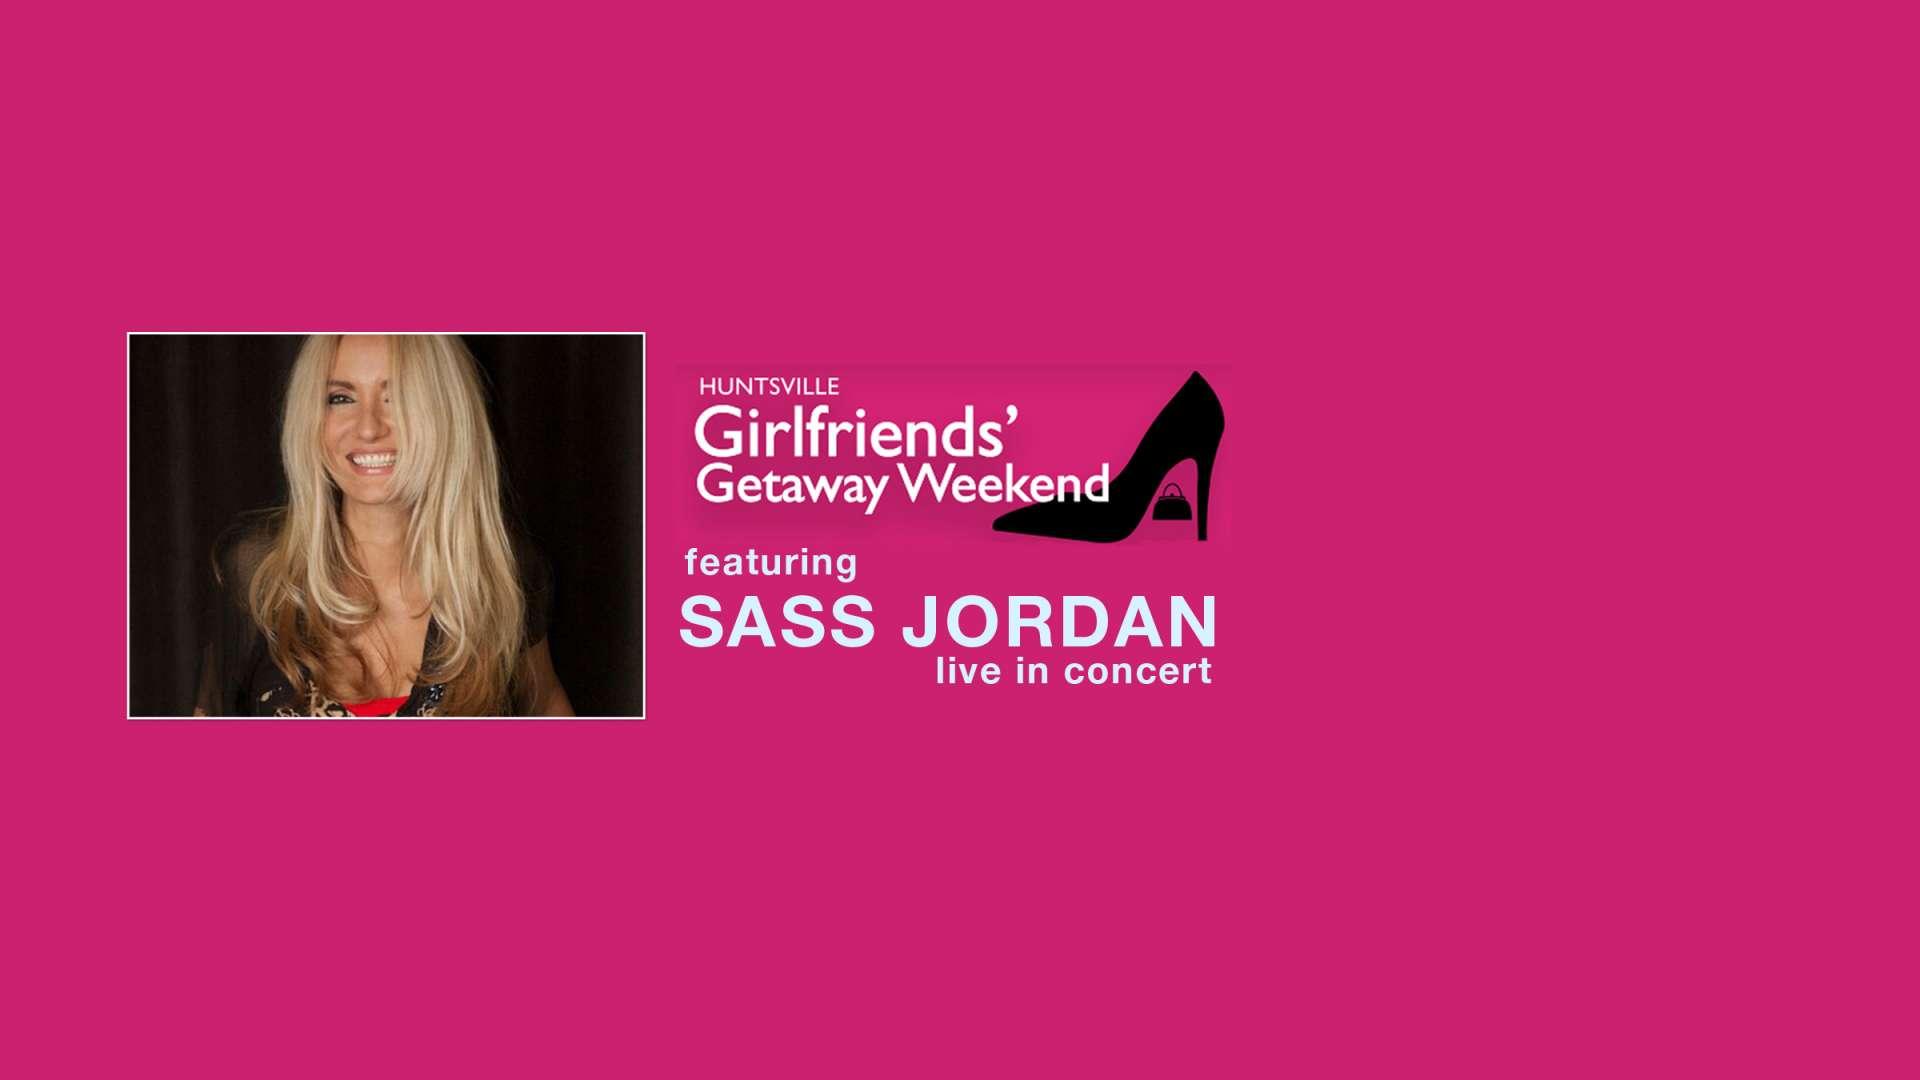 Girlfriends' Getaway Weekend